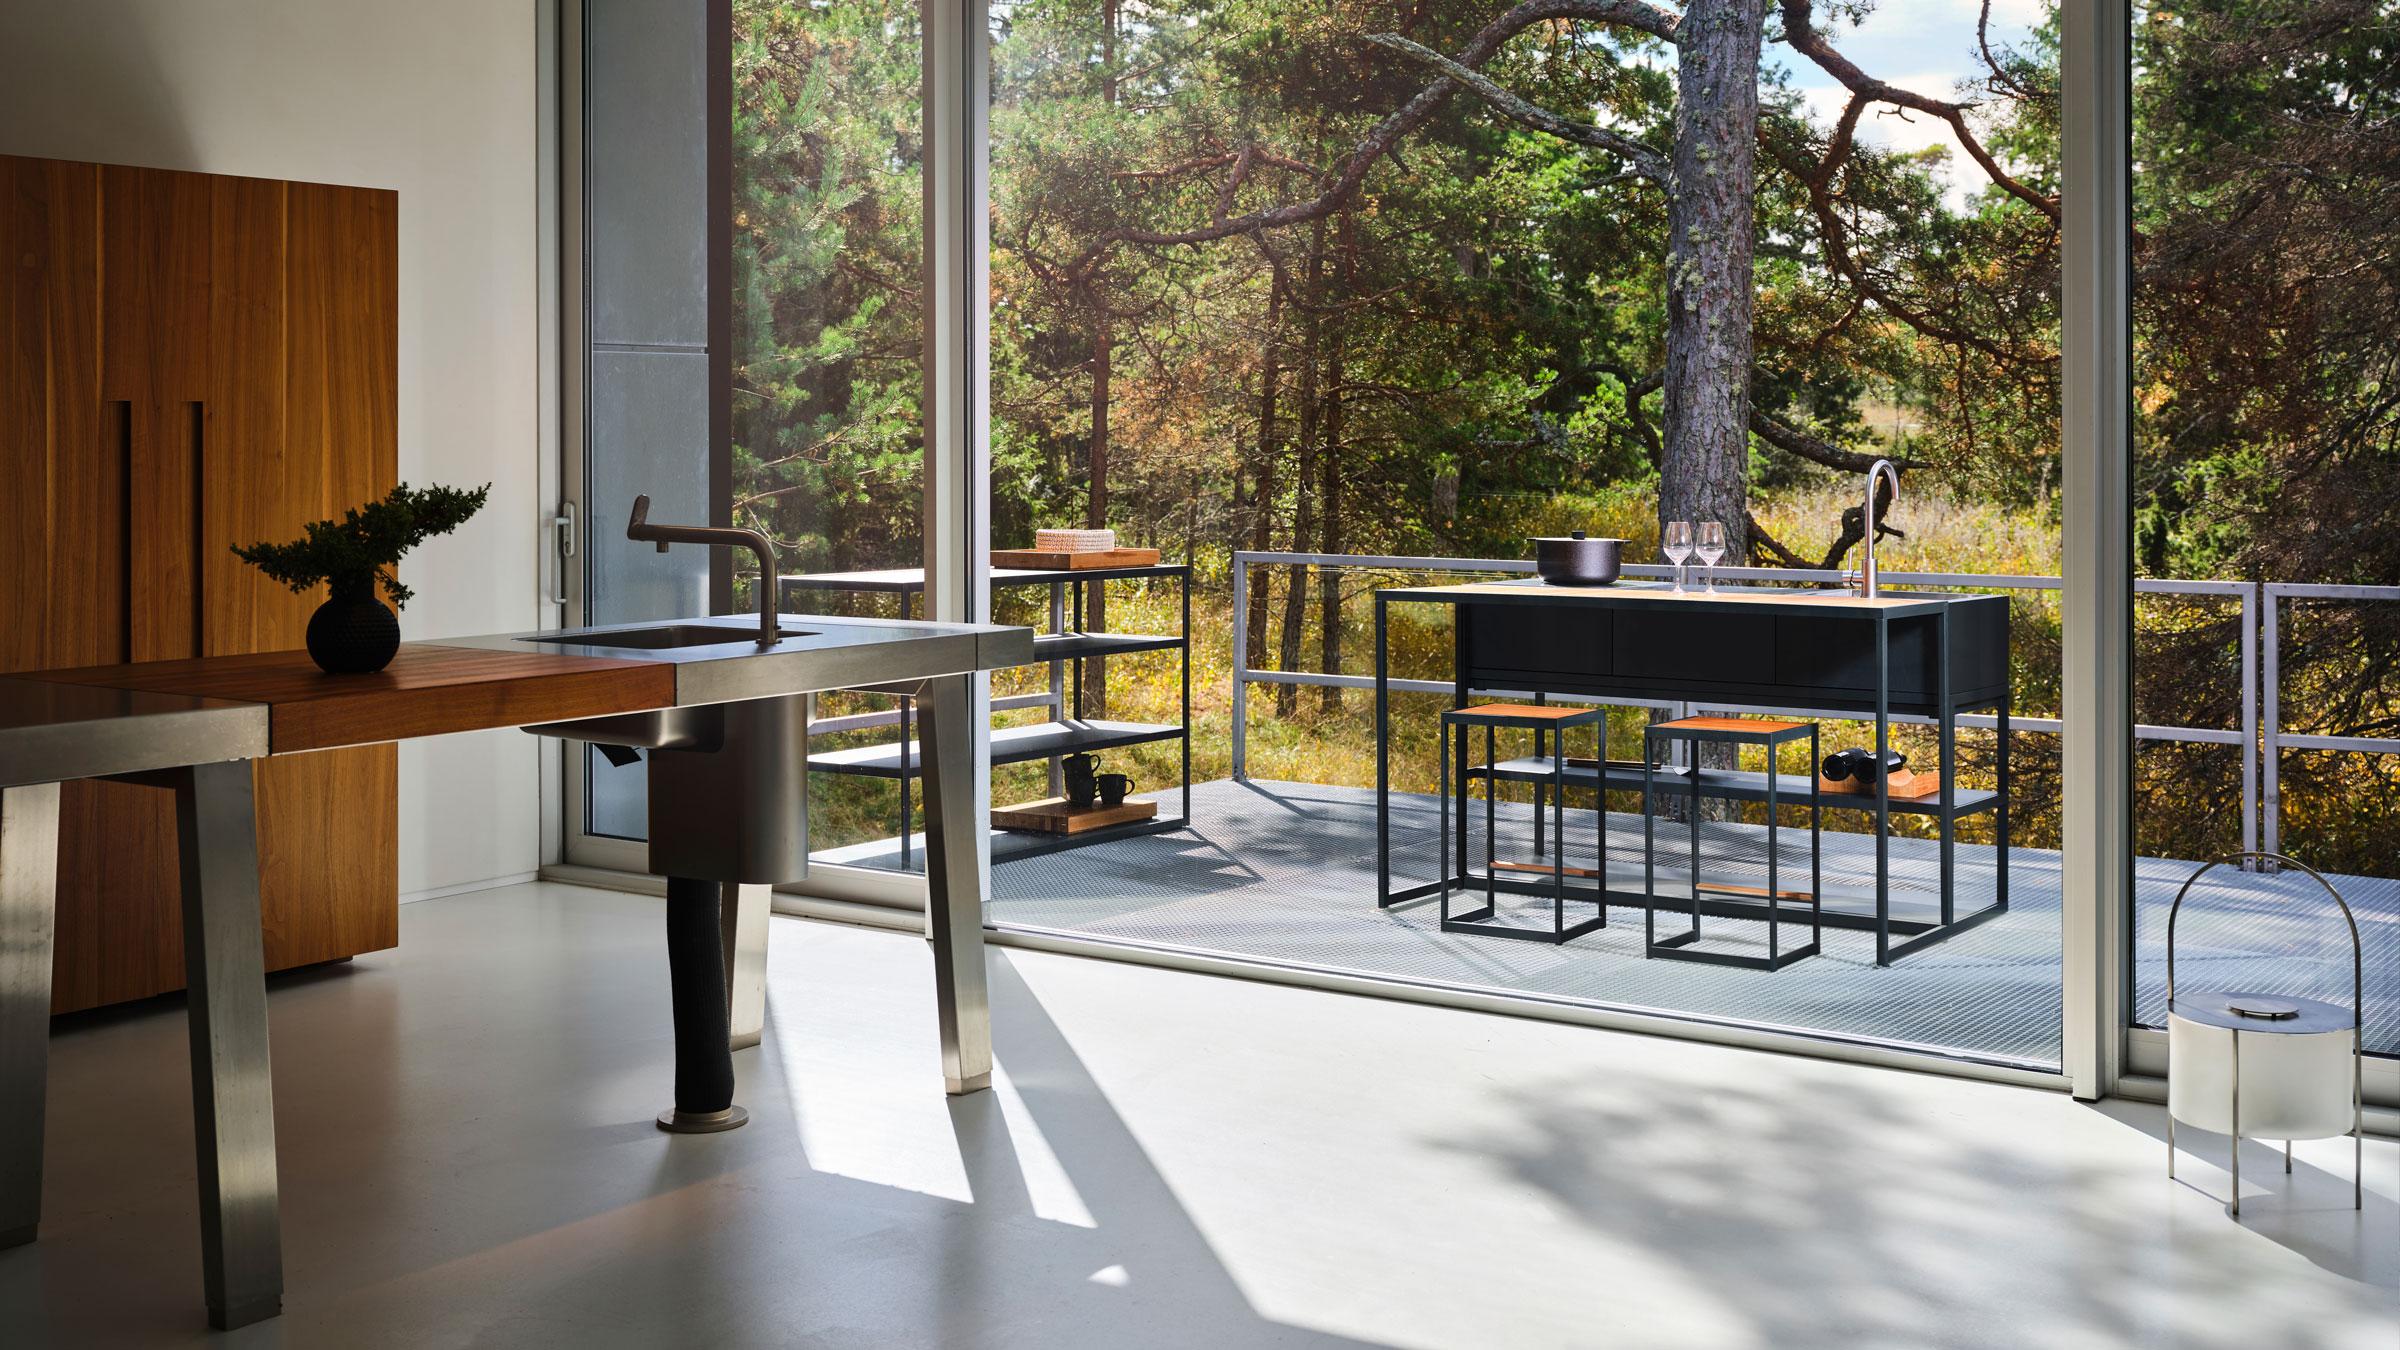 hauser-design-roeshults-aussenkueche-auf-der-terrasse